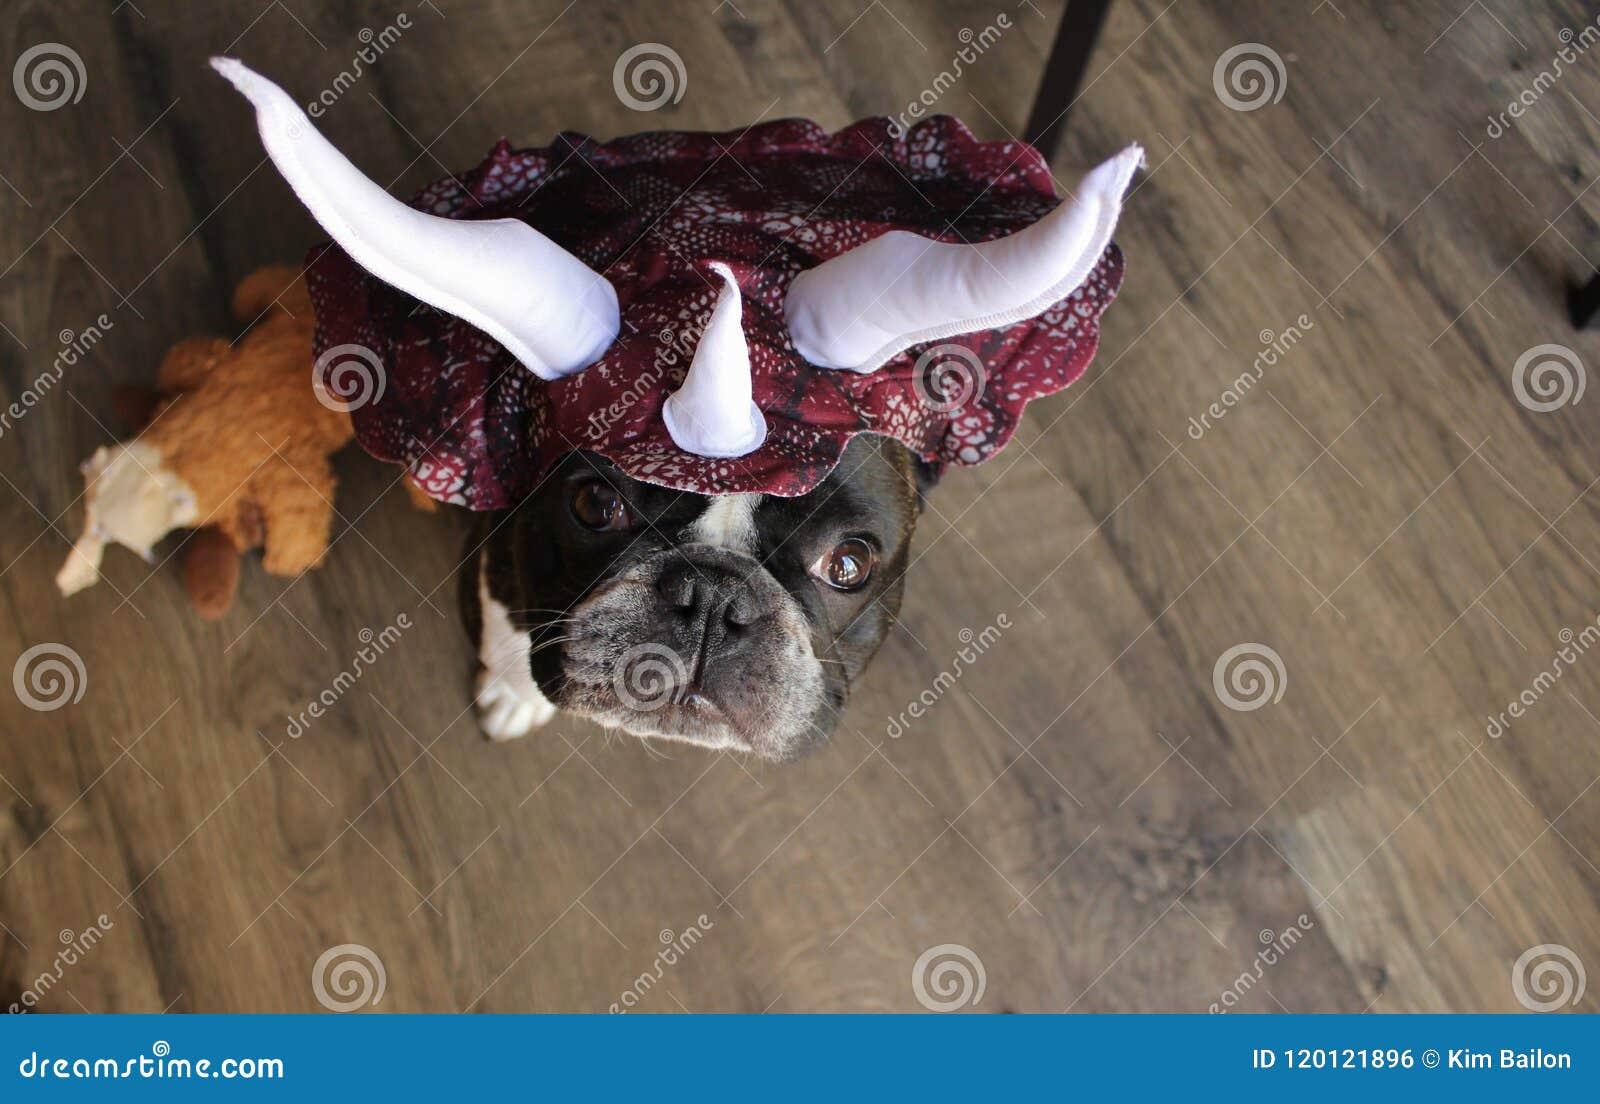 法国牛头犬作为剑龙